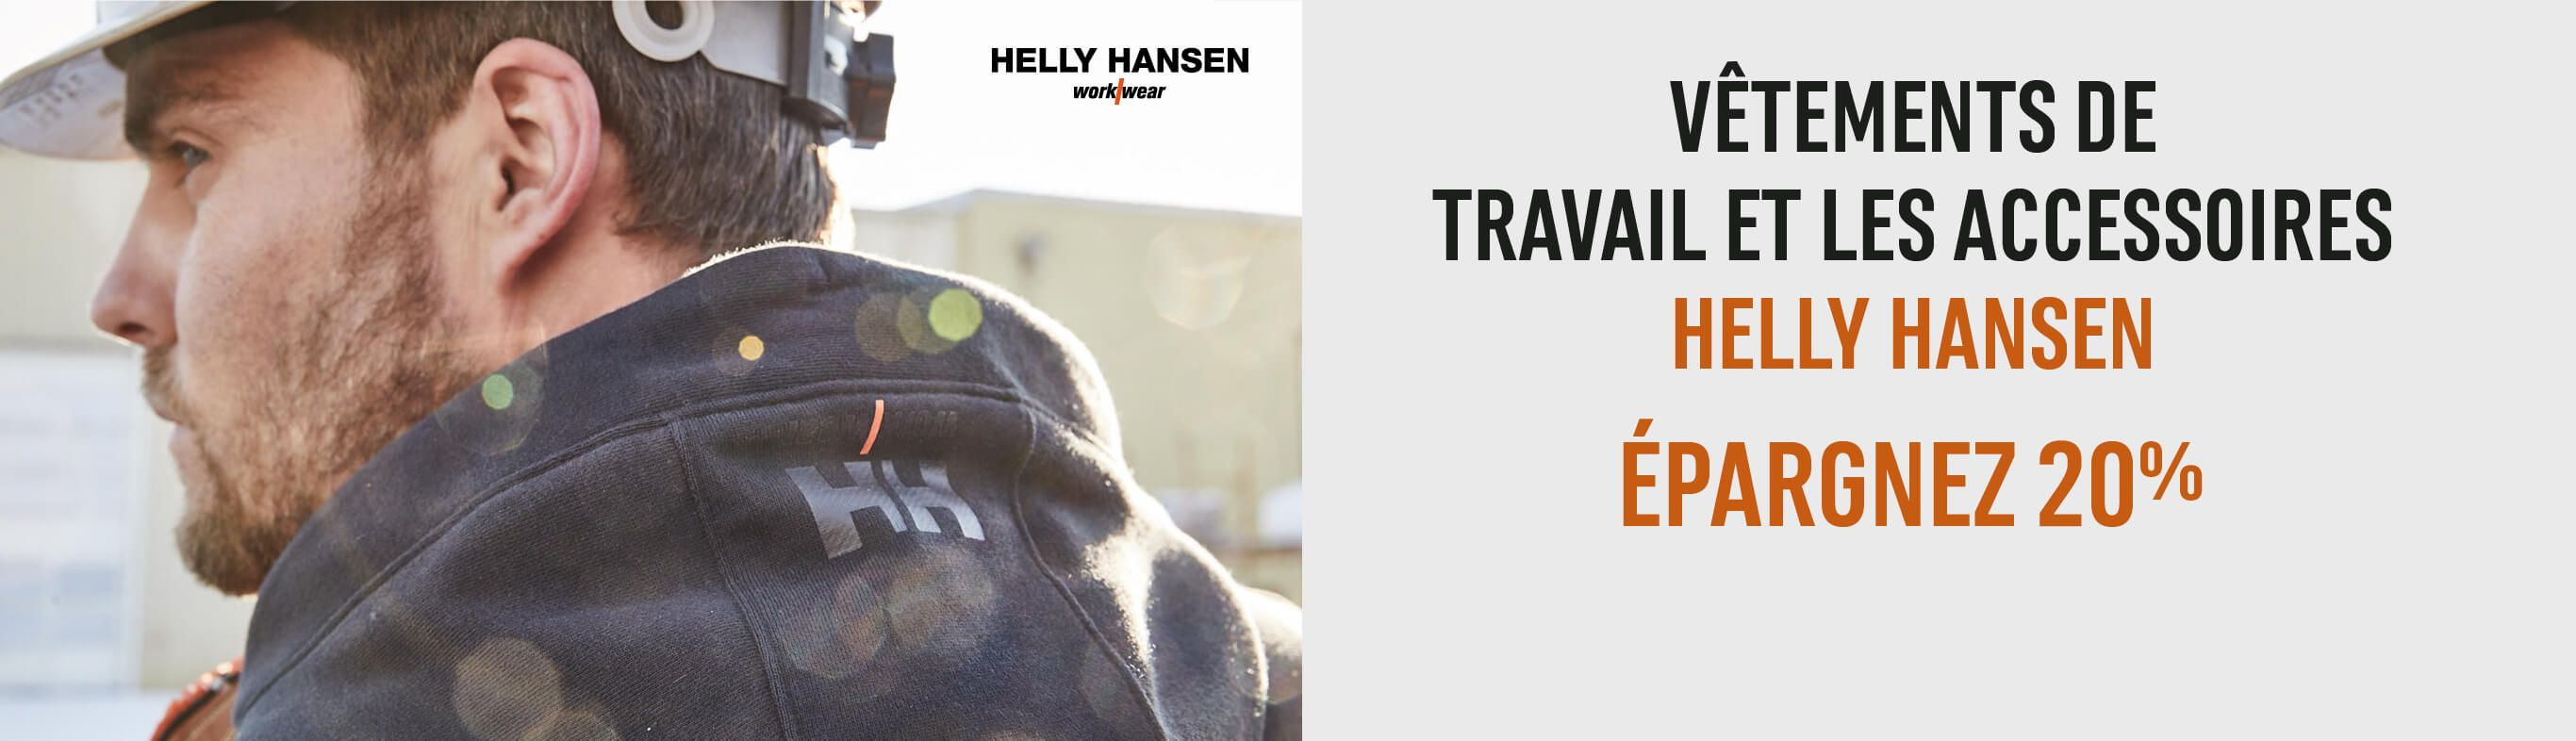 Vêtements de travail et accessoires Helly Hansen: Épargnez 20 %